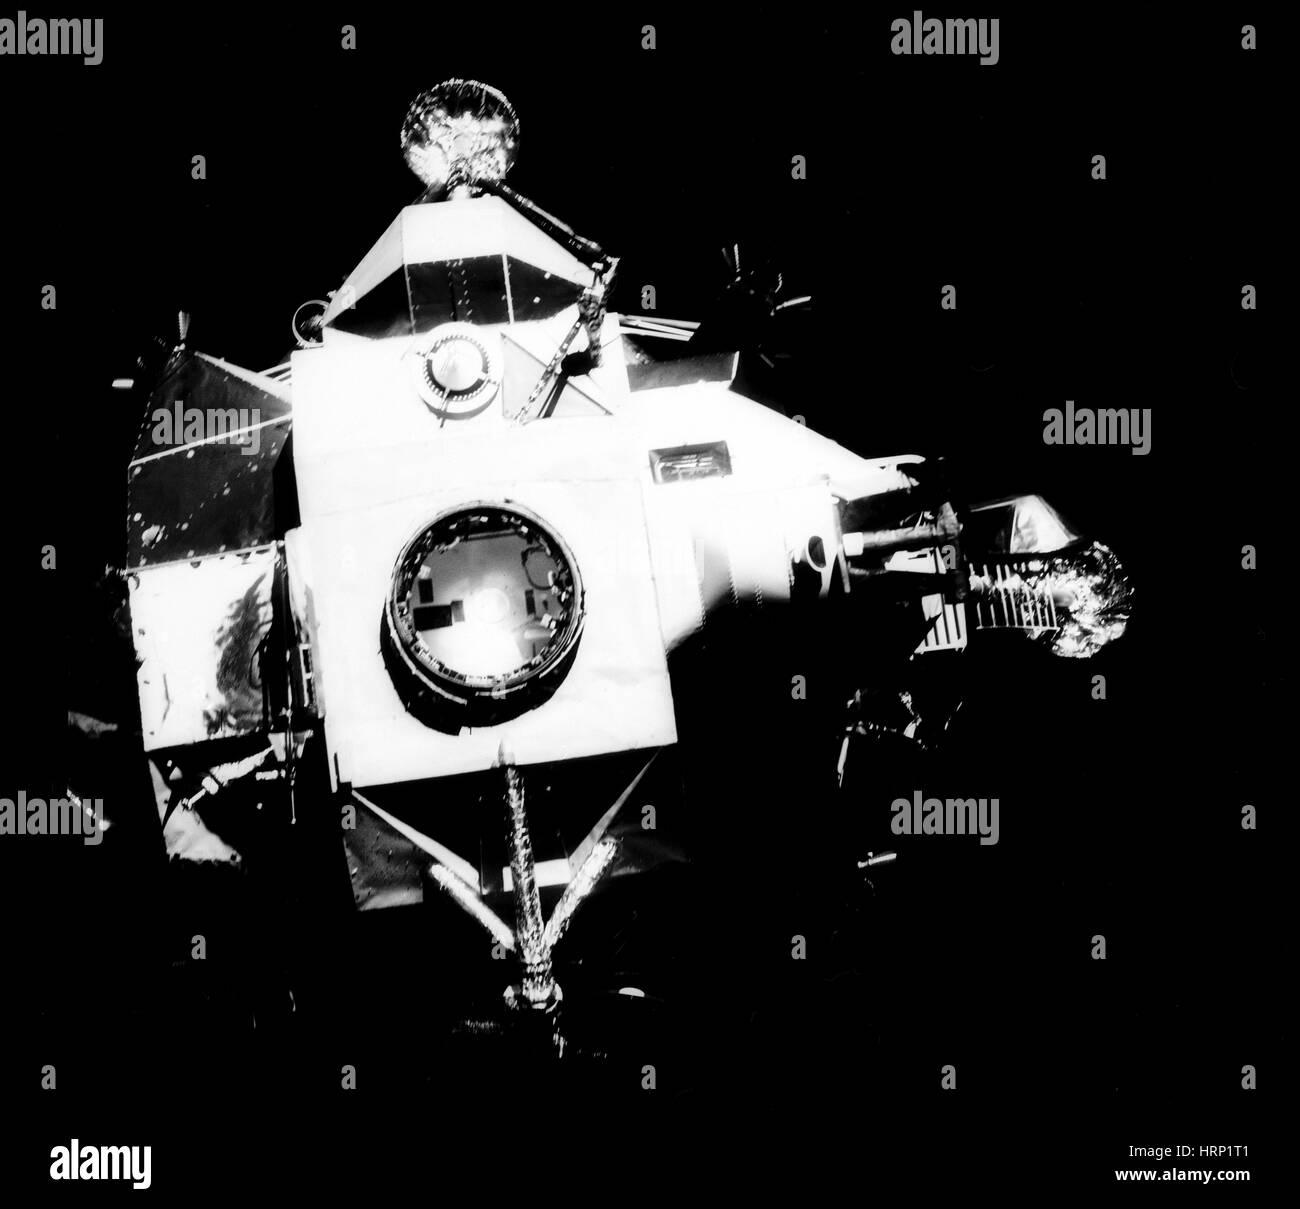 El Módulo Lunar Apolo 13 Imagen De Stock